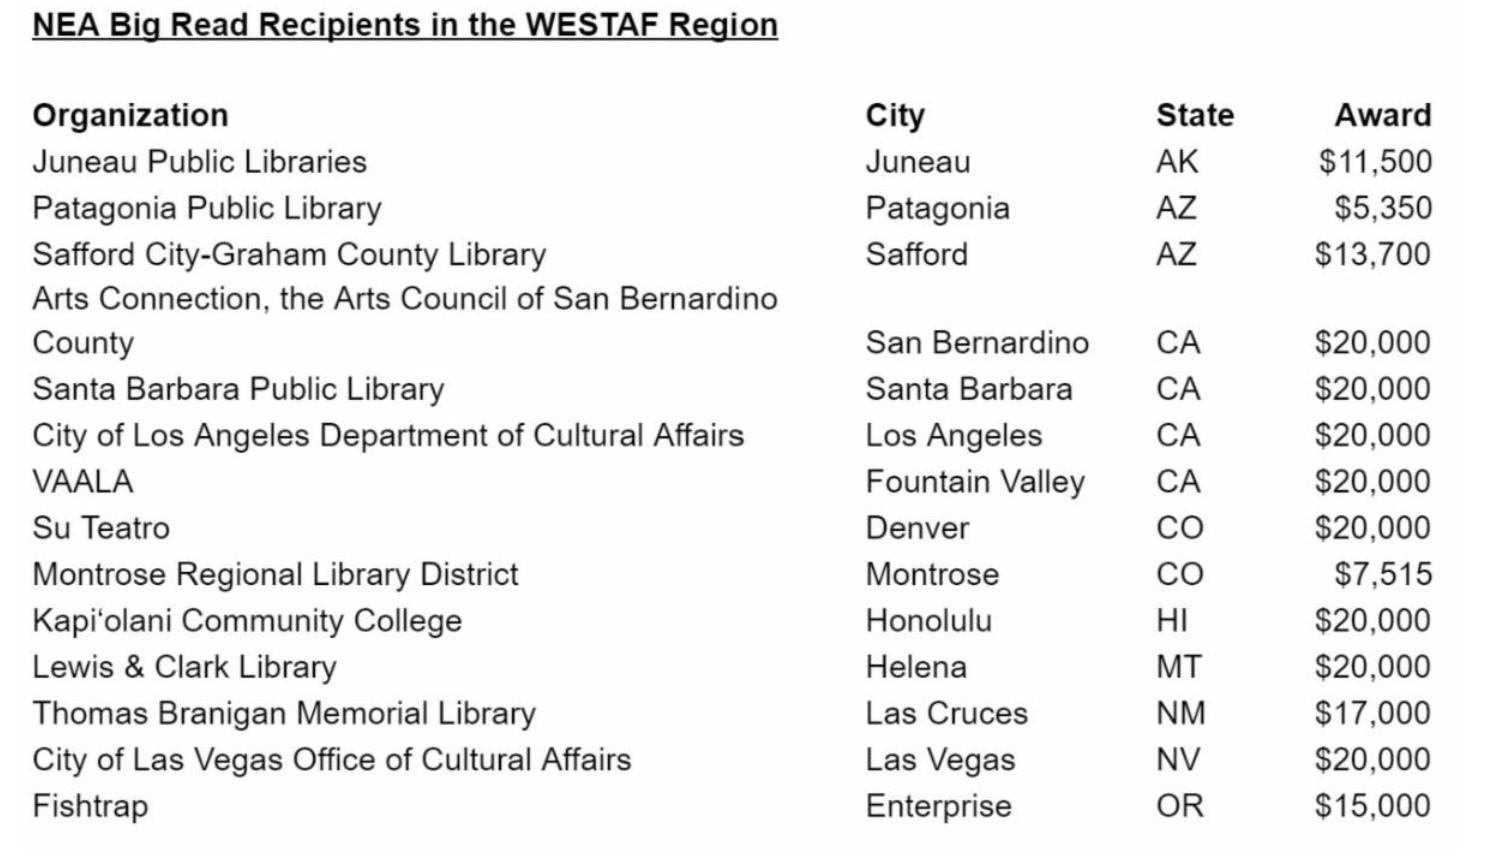 NEA Big Read Recipients